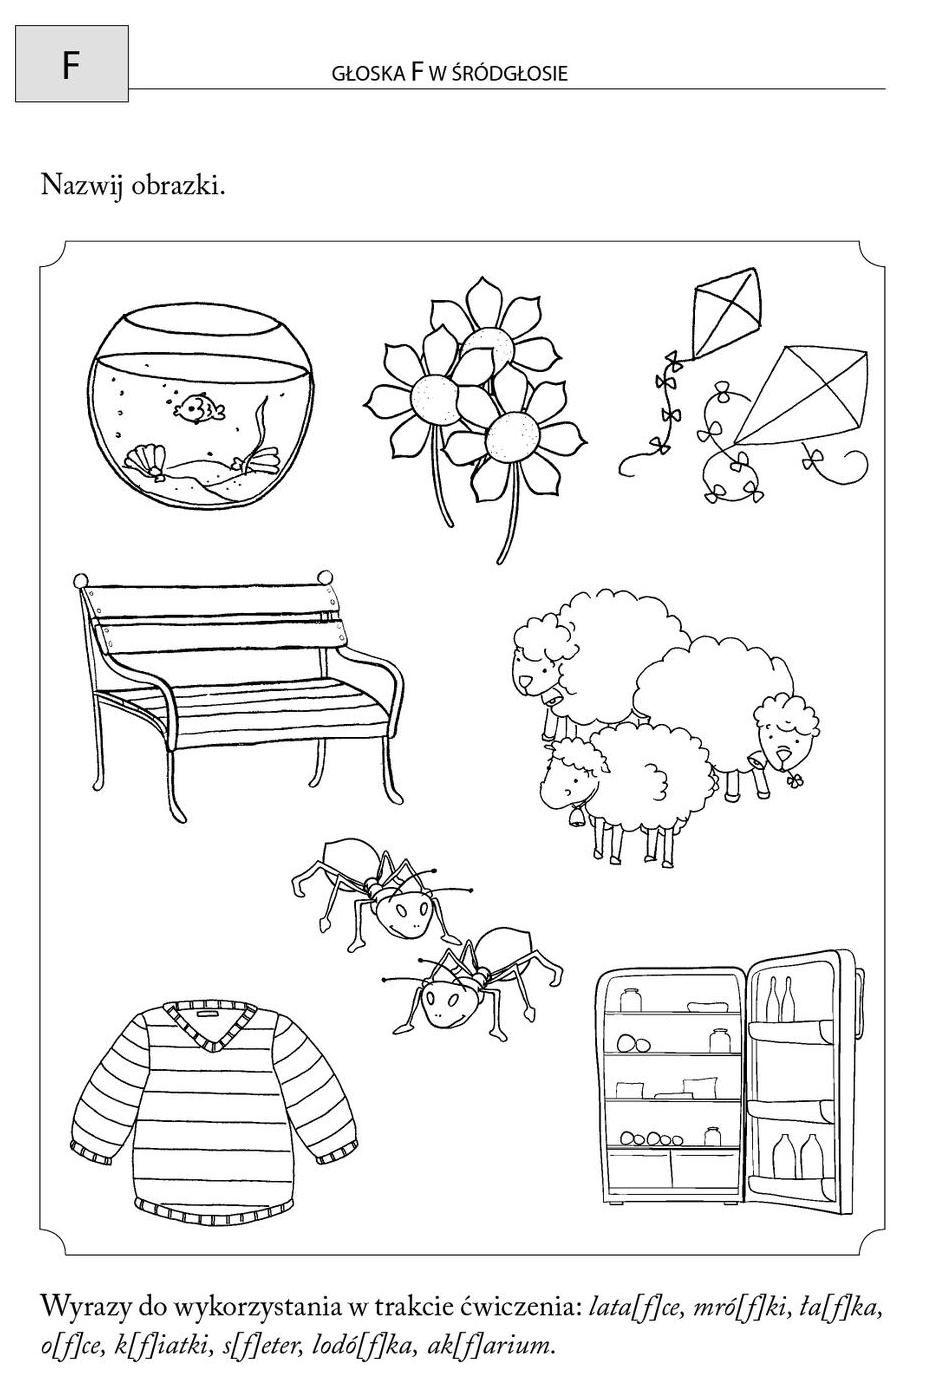 Clippedonissuu From Obrazkowe Cwiczenia Logopedyczne Dla Przedszkolakow Kindergarten Sketchnotes Lettering